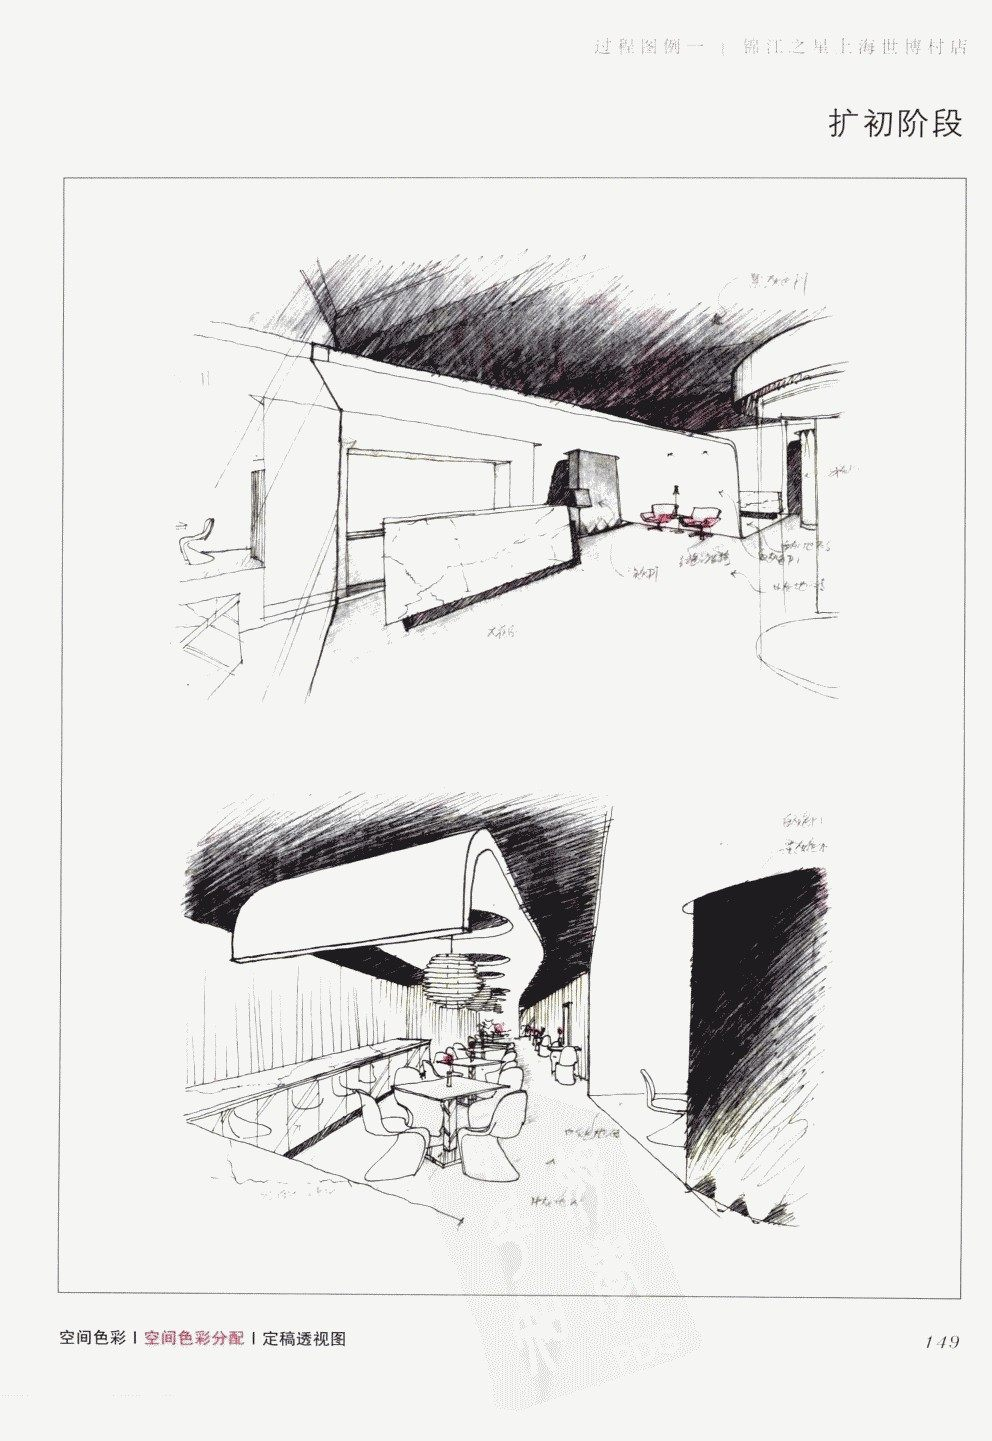 室内设计纲要++概念思考与过程表达_室内设计纲要  概念思考与过程表达_1297982..._页面_157.jpg